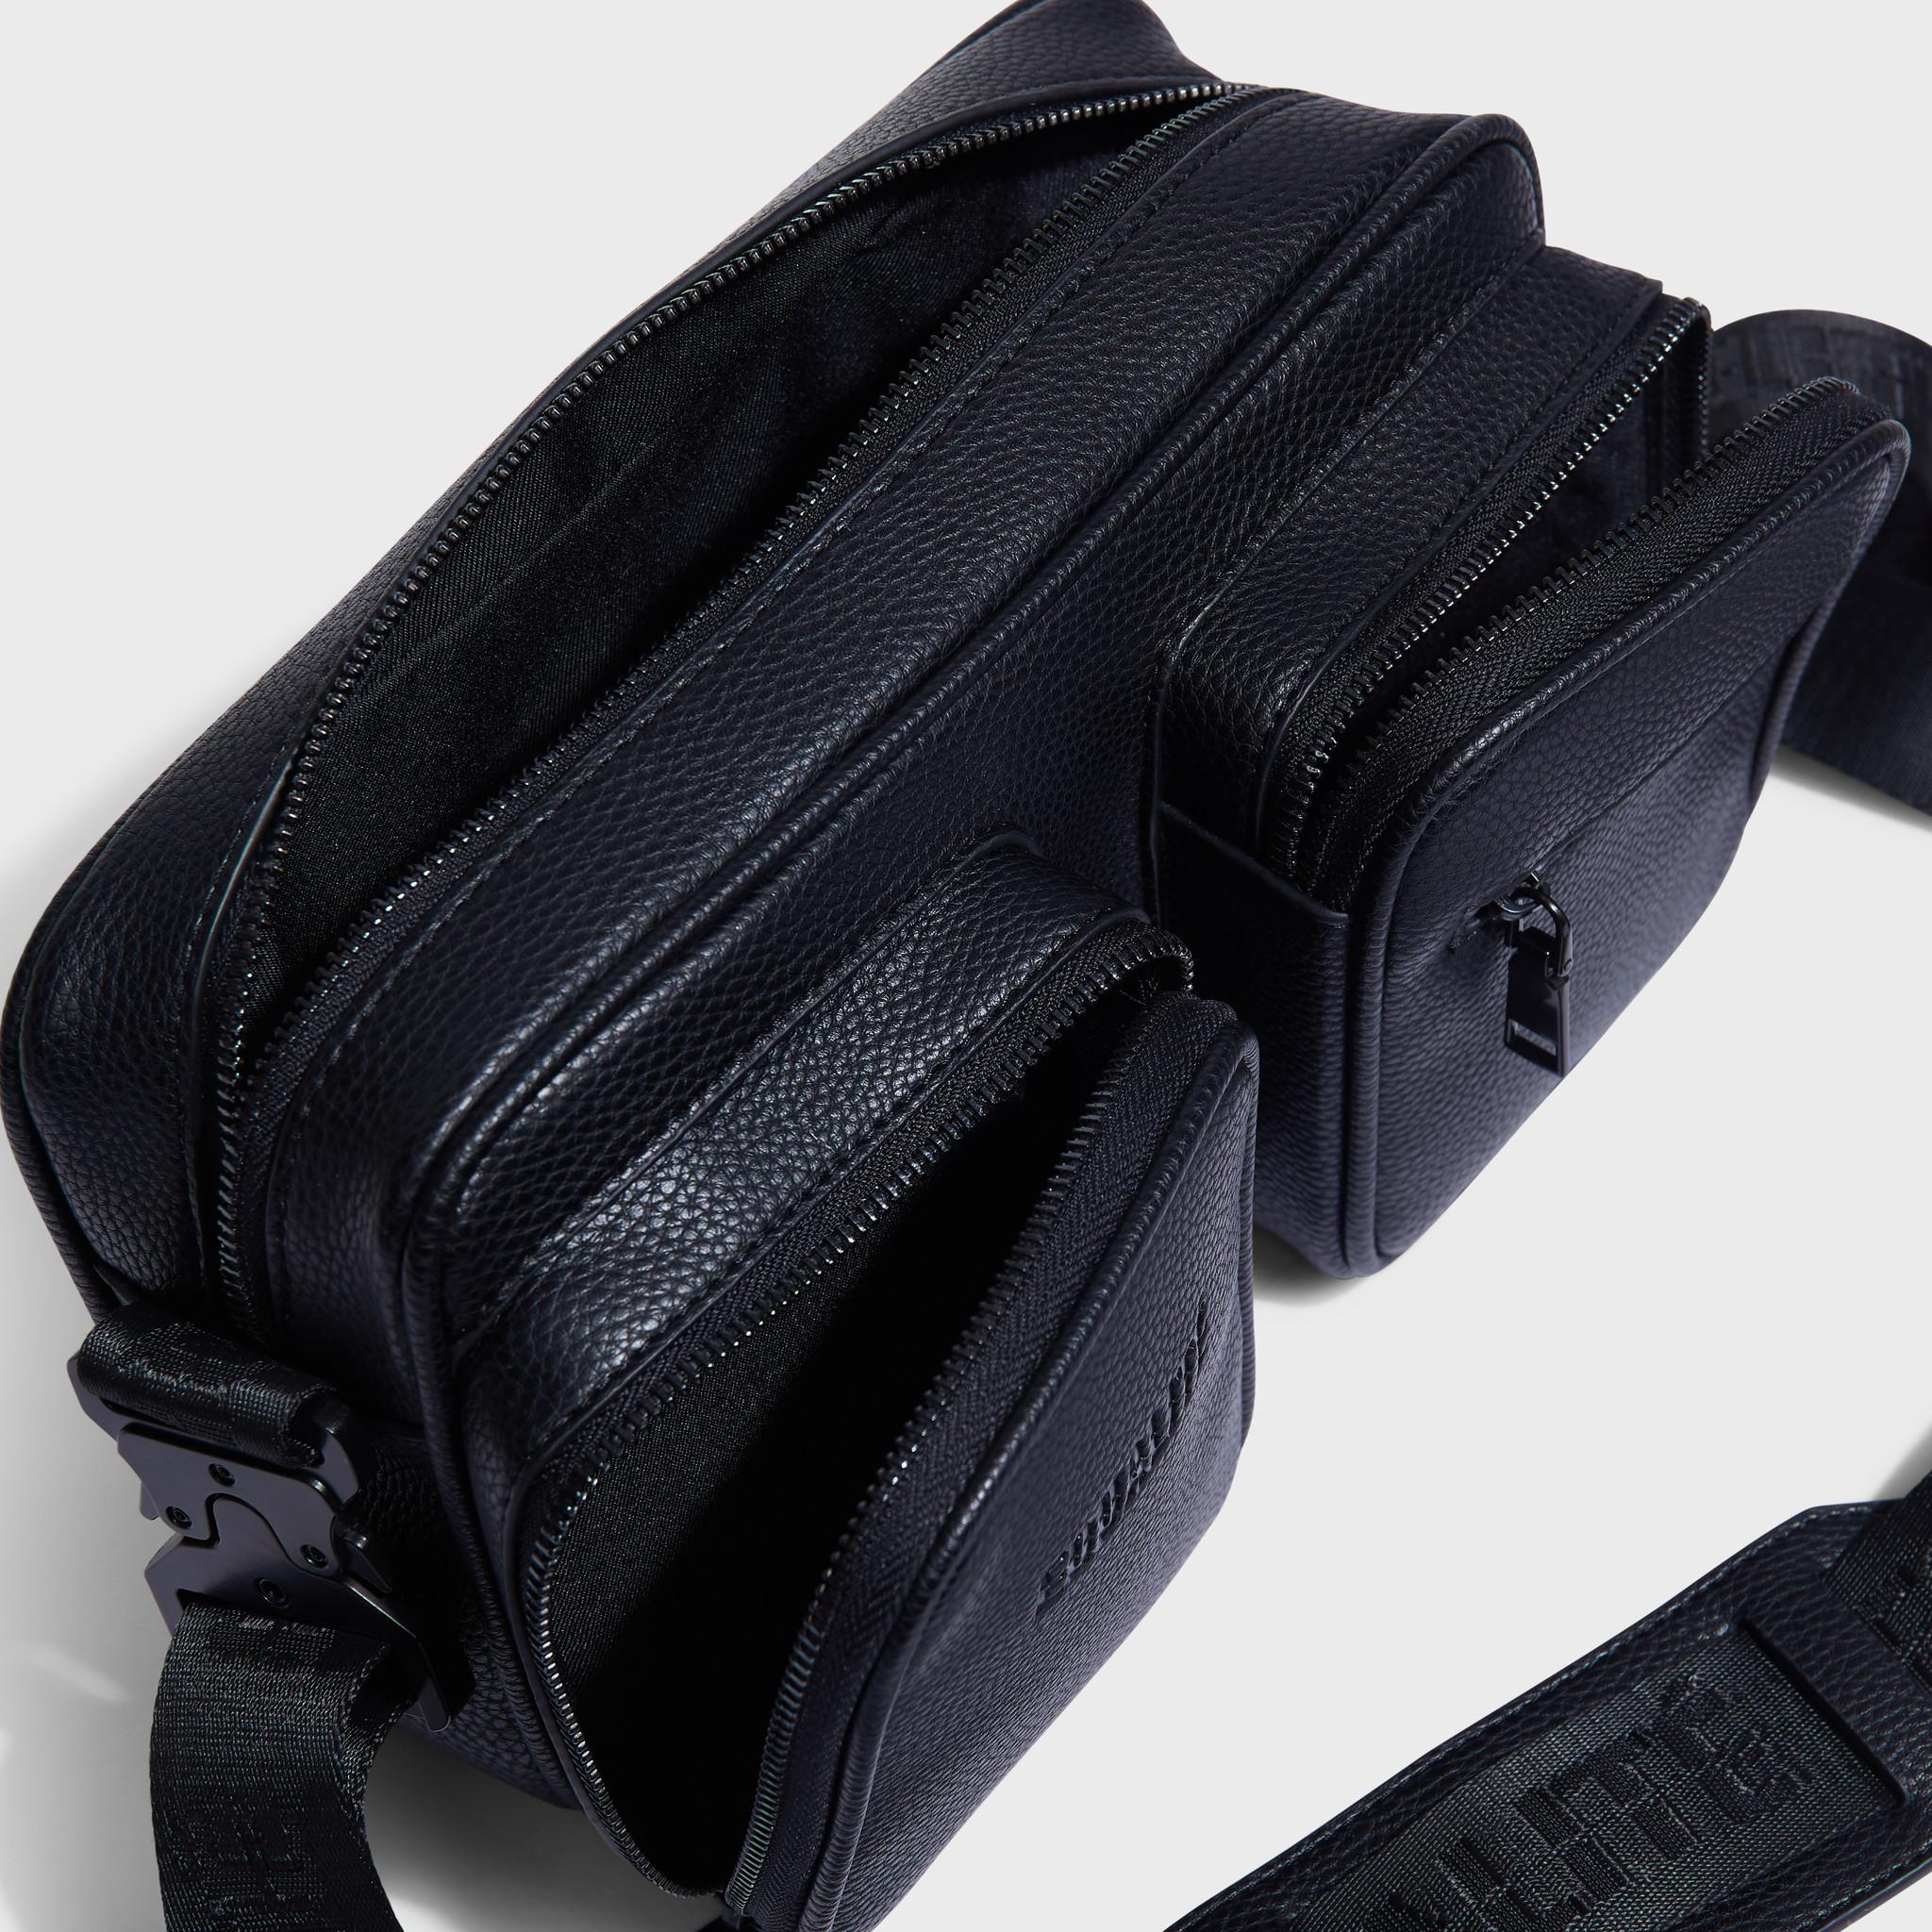 Pocket messengerbag black-6